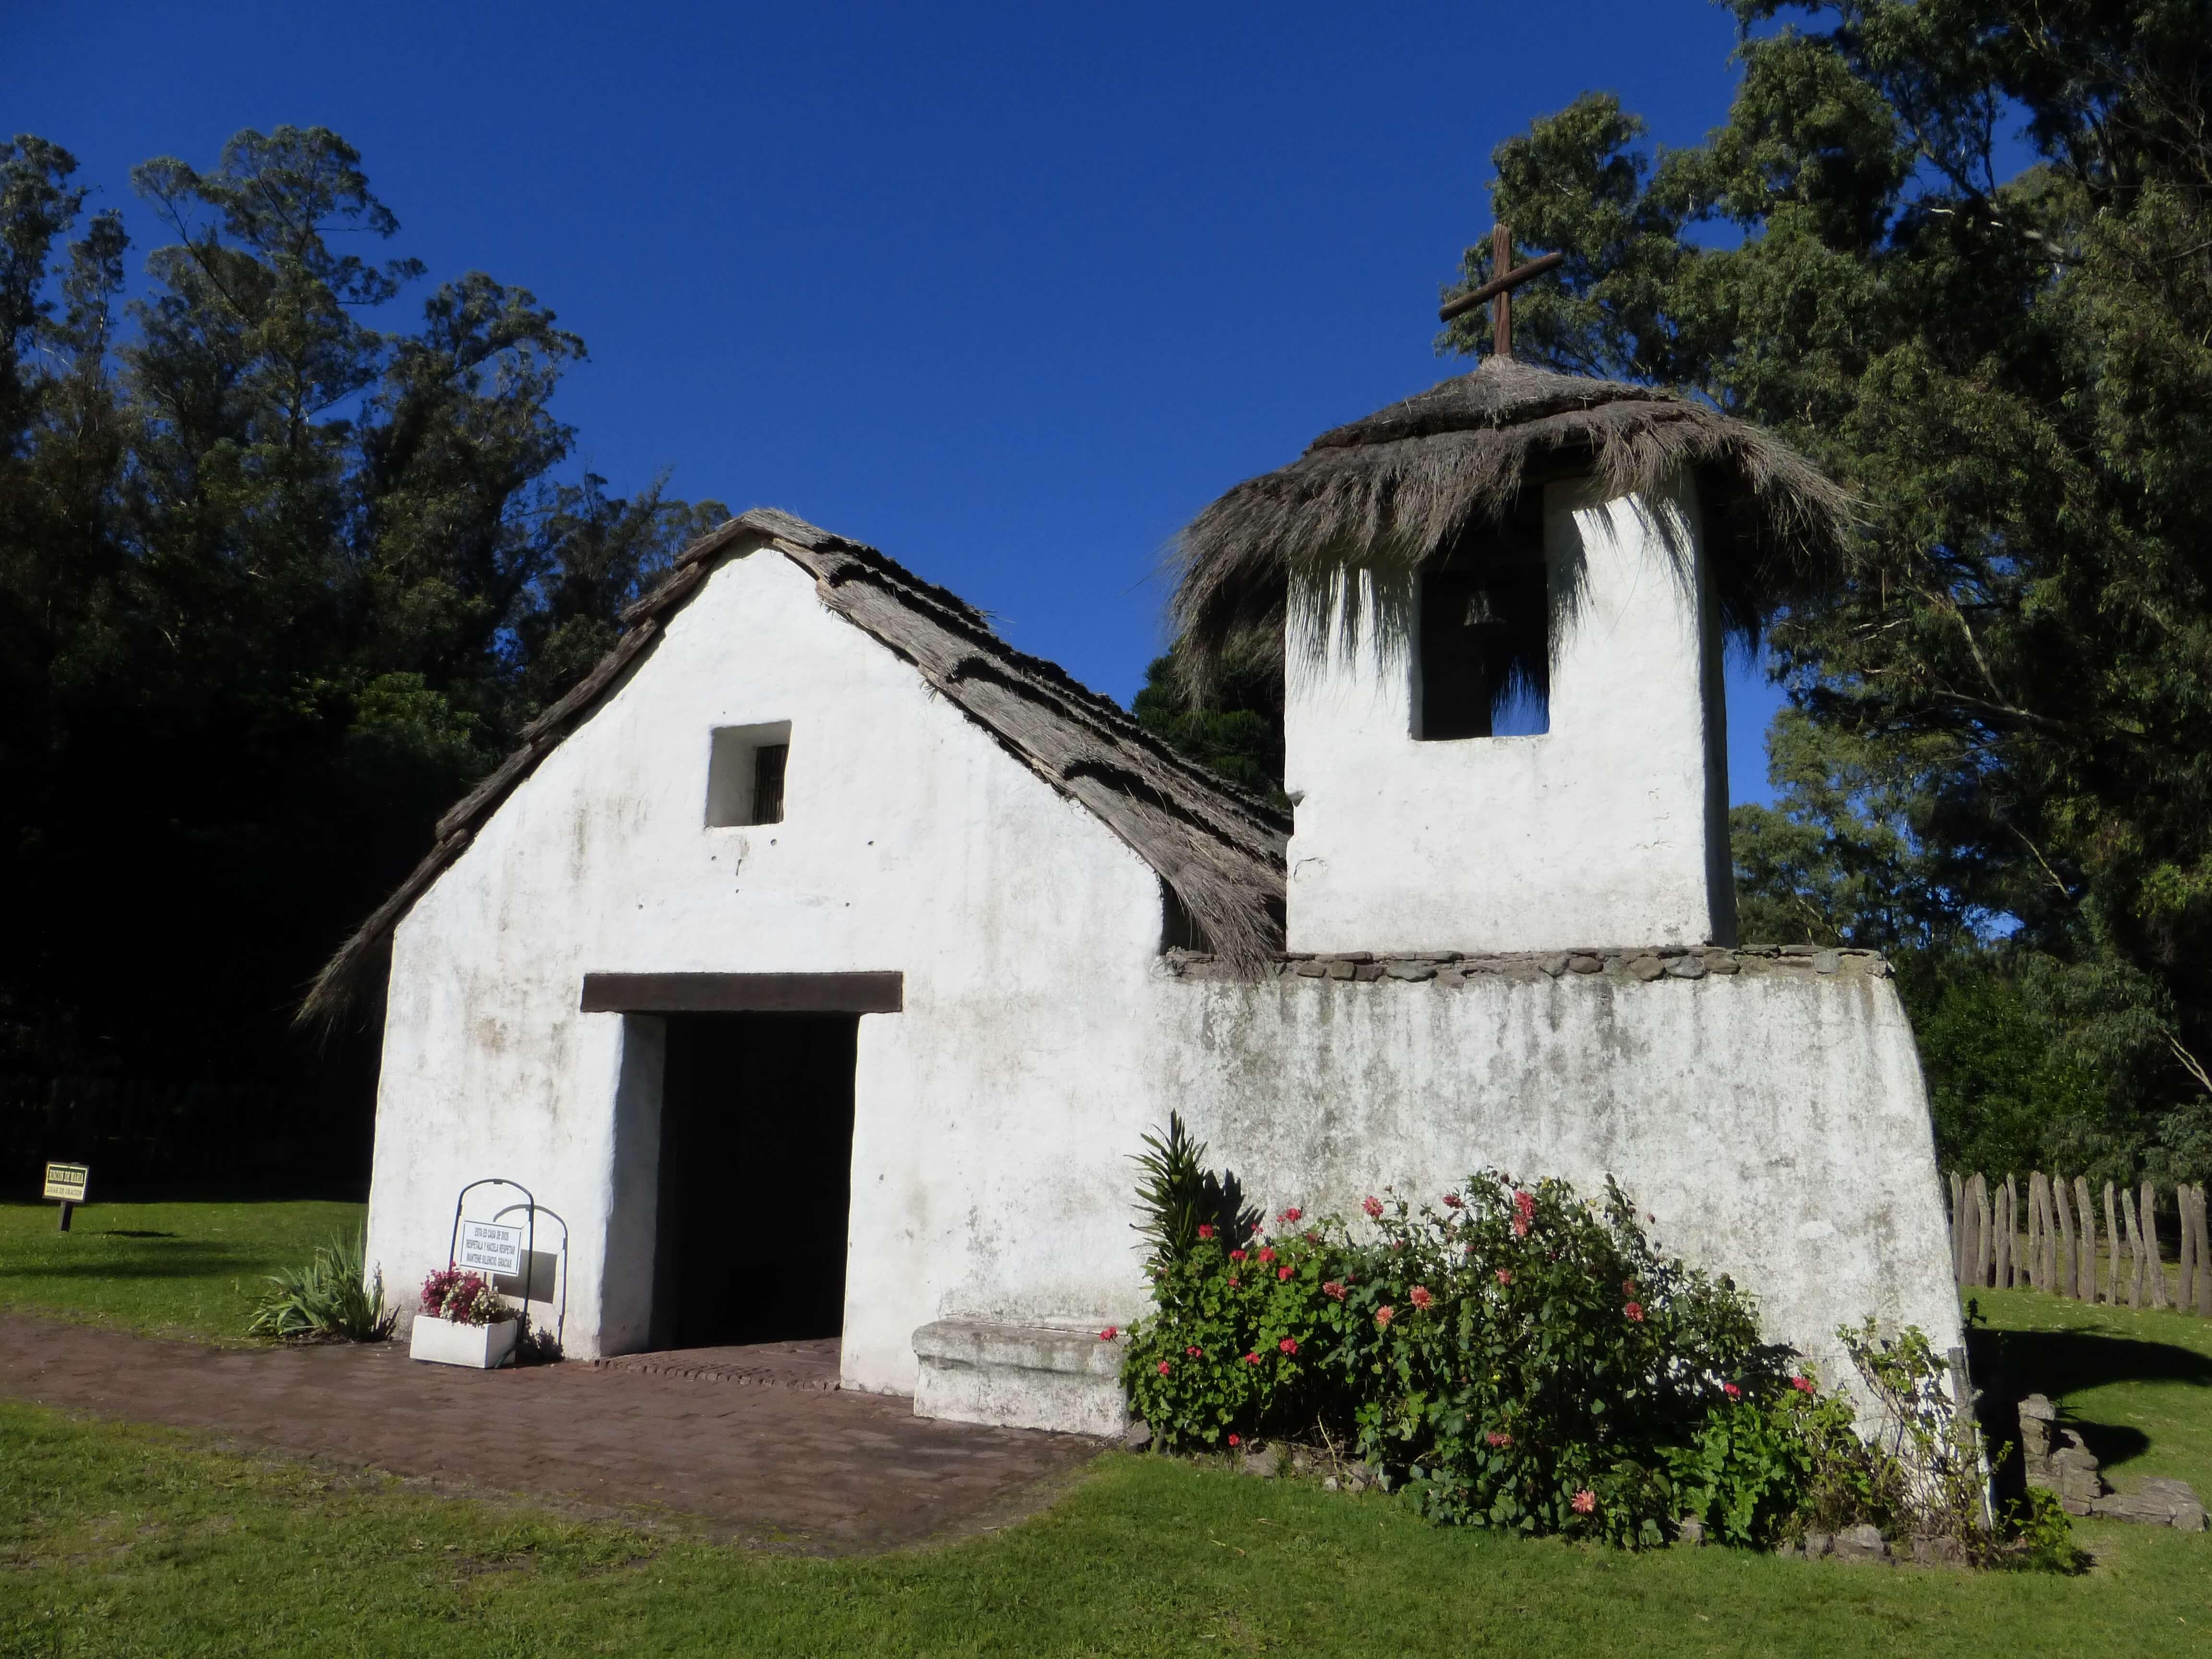 Reducción Nuestra Señora de Pilar. Fuente: Wikipedia.